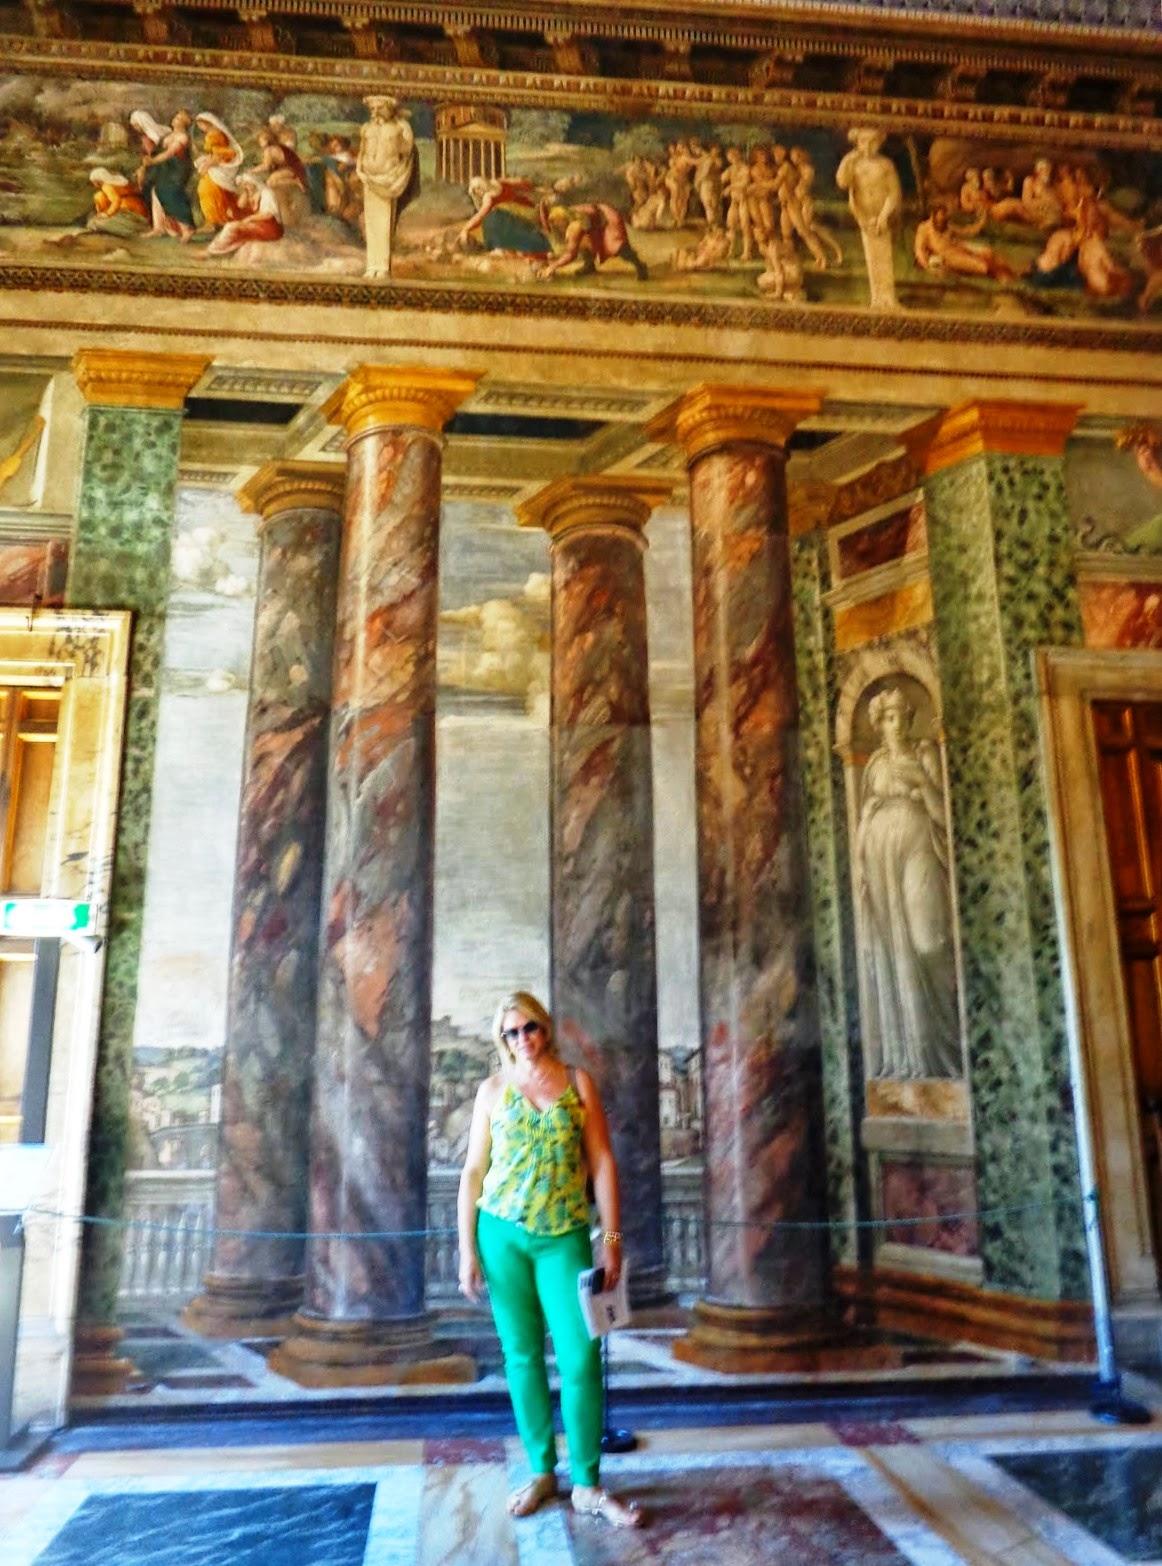 """No """"Salone delle Prospettive"""", os afrescos de Peruzzi criam a ilusão de ver, entre as colunatas de mármore, paisagens da Roma do século XVI."""